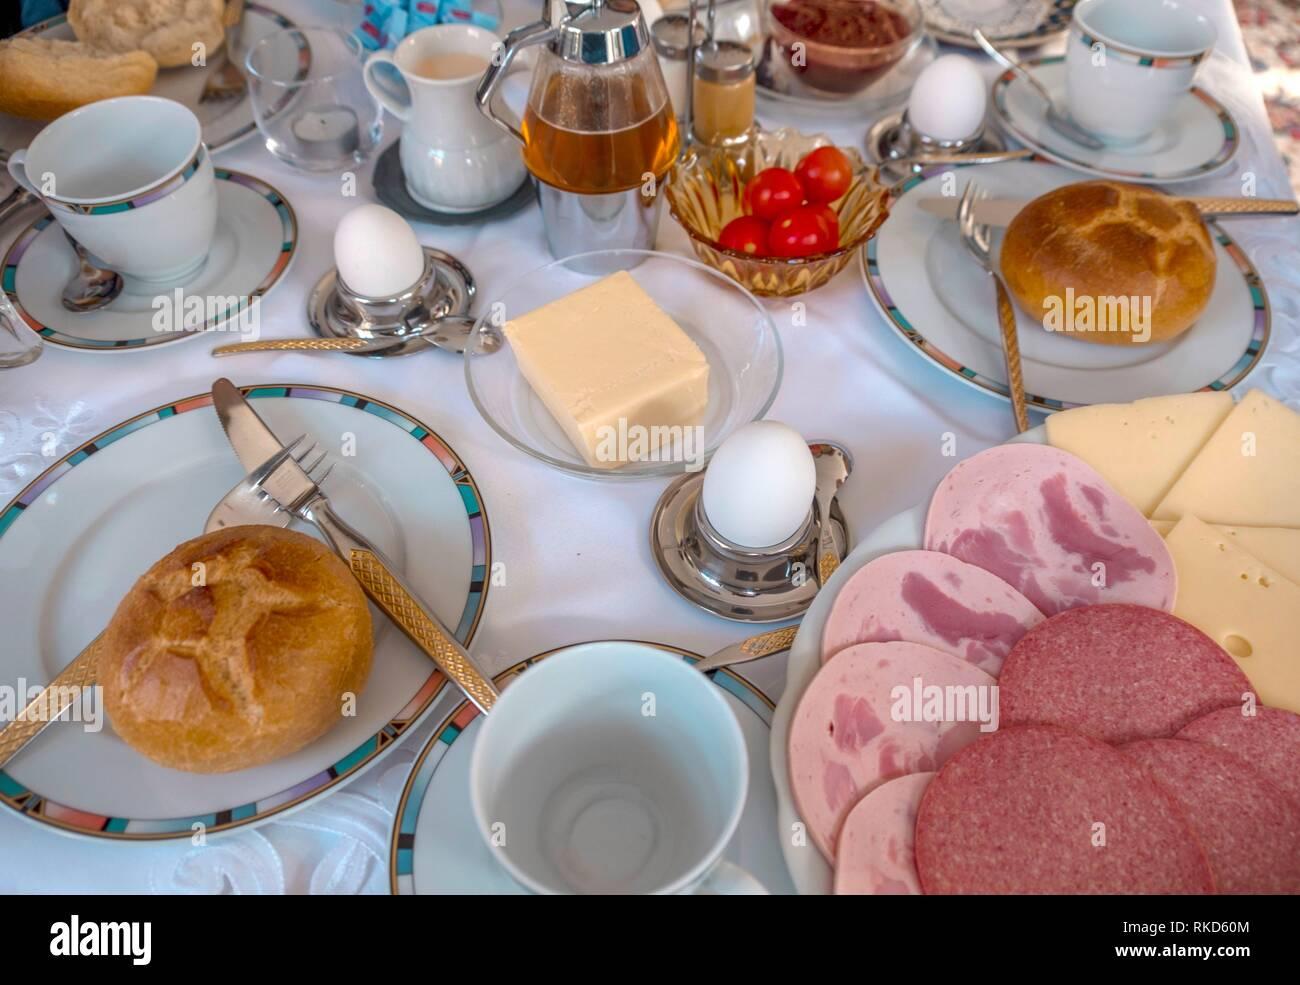 Germania, cibo, tavolo per la colazione. Immagini Stock